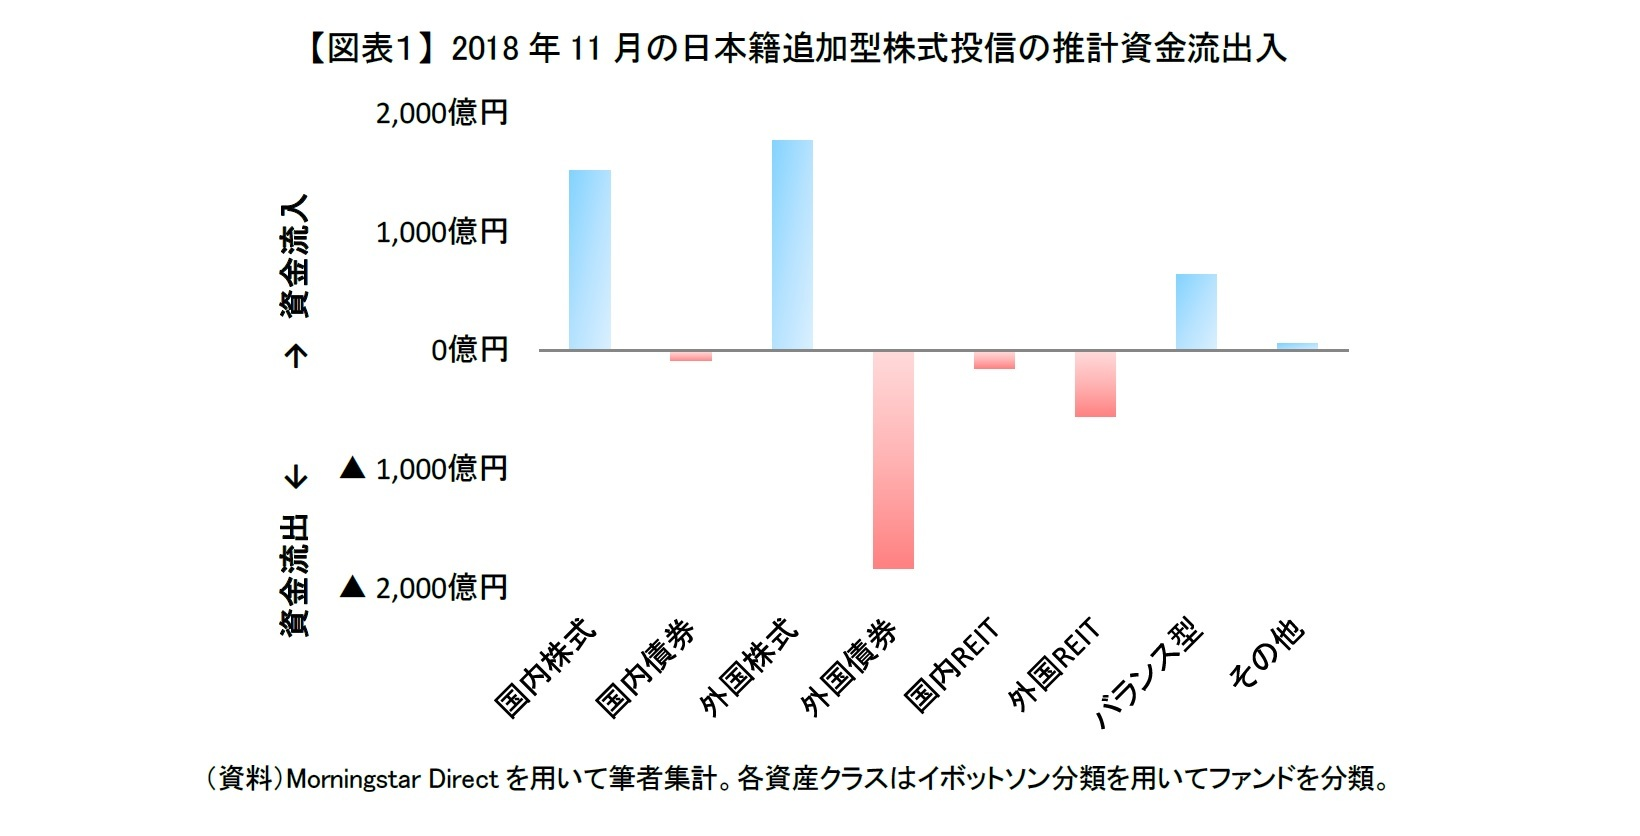 【図表1】 2018年11月の日本籍追加型株式投信の推計資金流出入